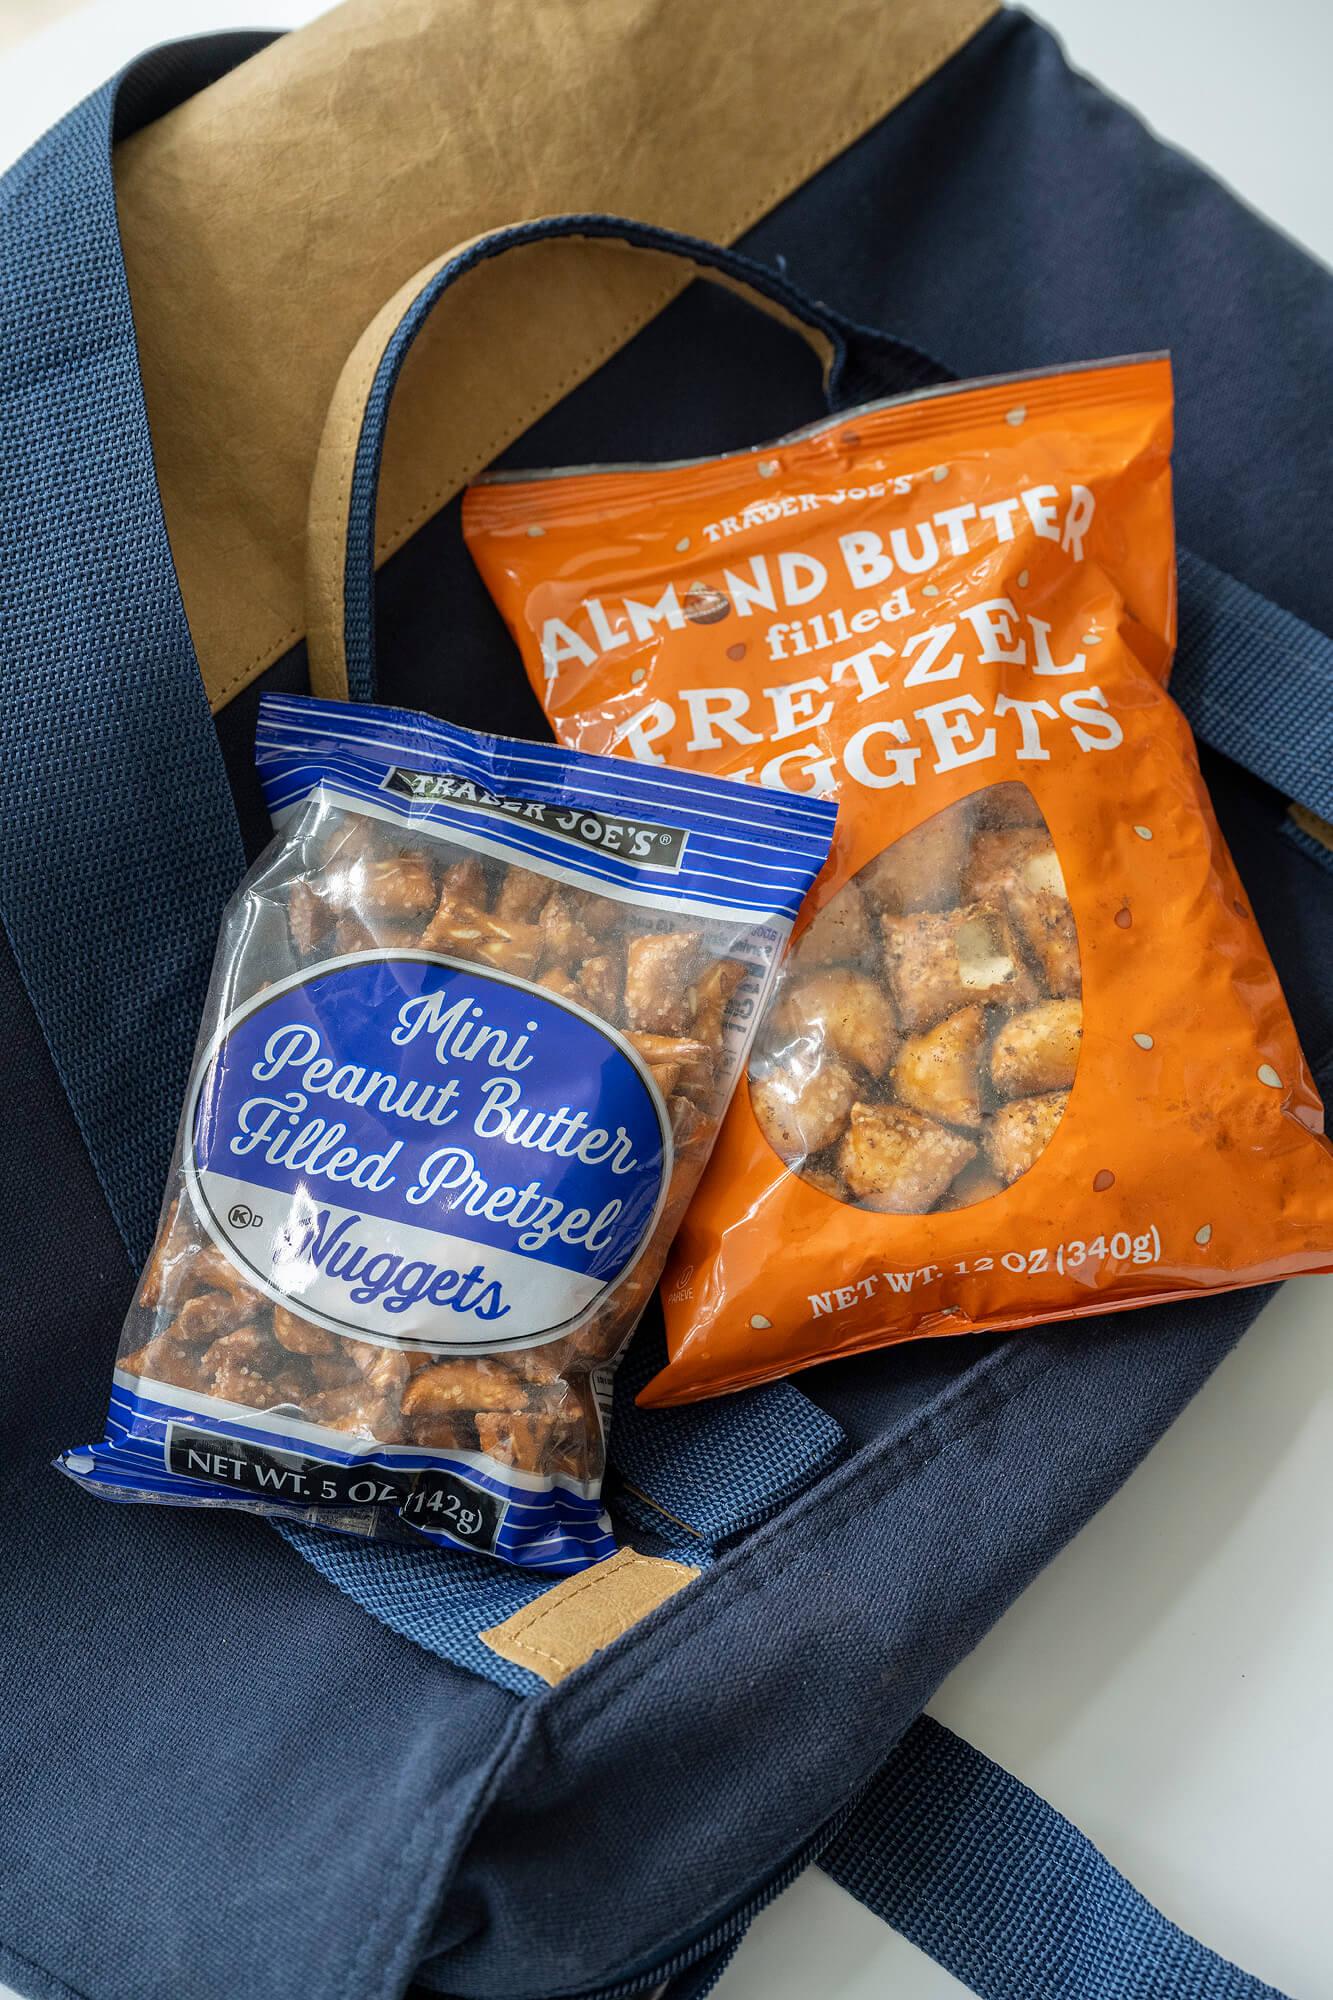 Trader Joe's Pretzel Nuggets